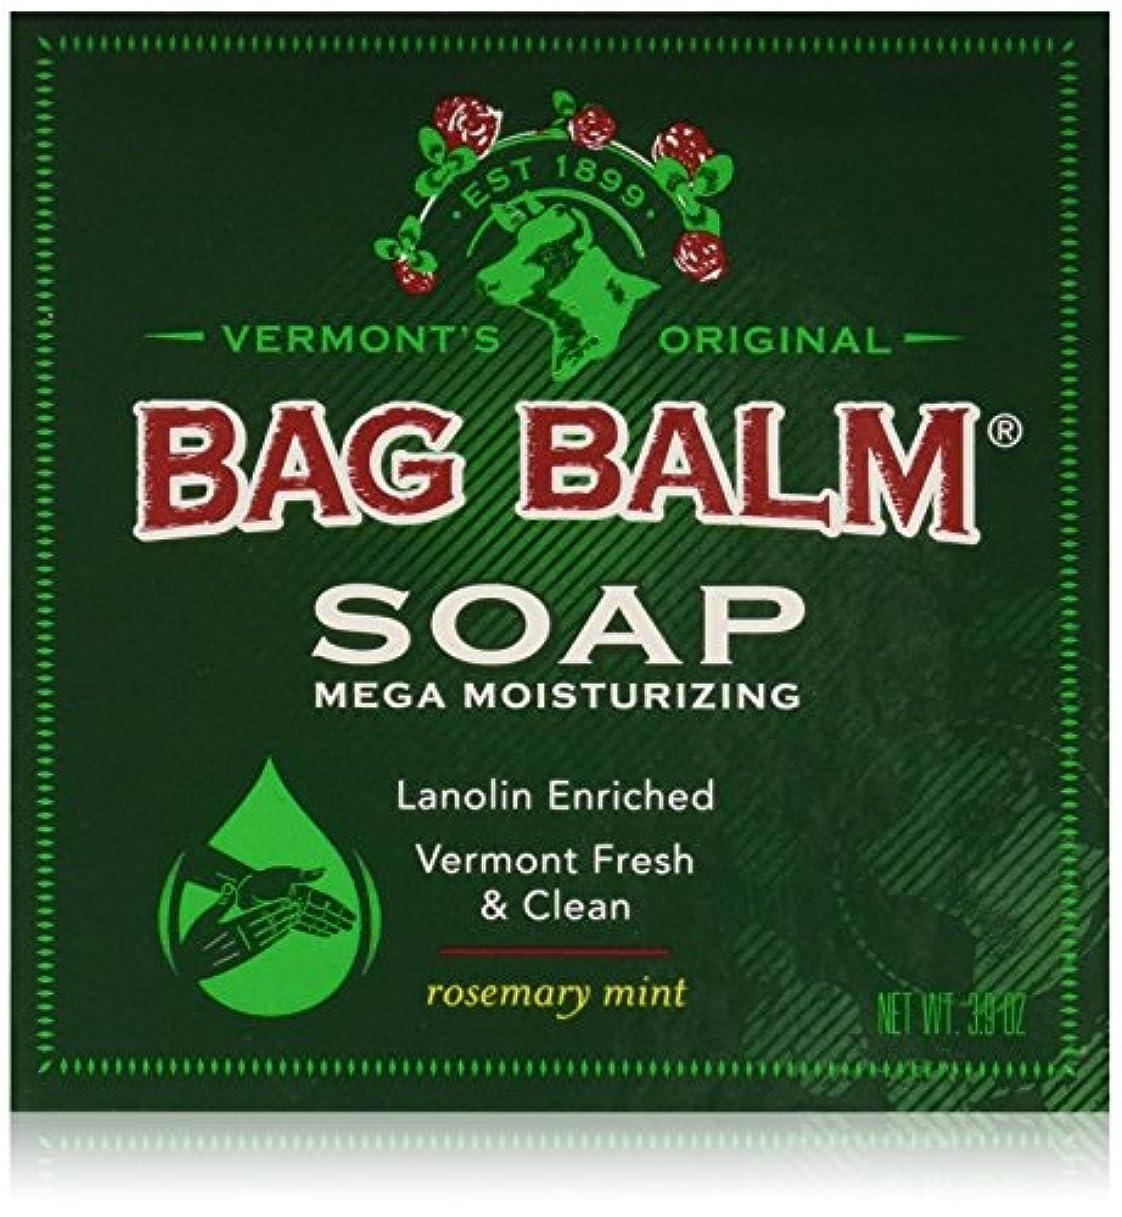 防水文言アトラスバッグバームの新作 メガモイスチャライジングソープ 3.9オンス 乾燥したお肌にモイスチャライズ石鹸